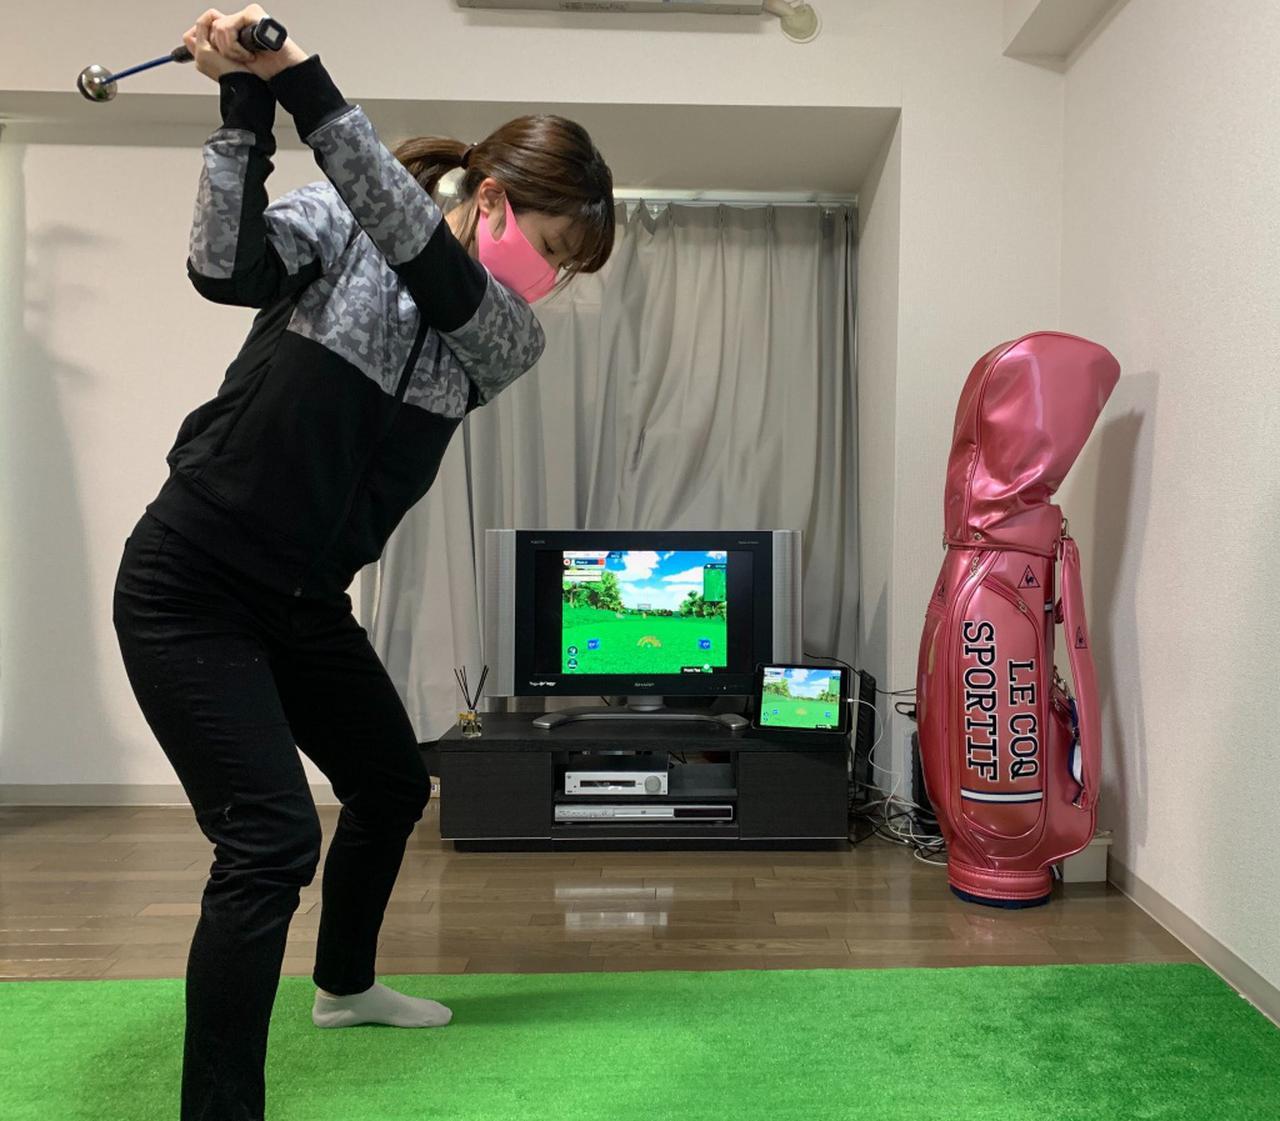 画像: S子はいつも自宅で練習している6畳くらいの部屋で試したので、練習用のクラブを使いました!アプローチやパッティングは普段通りのクラブでもいいかも